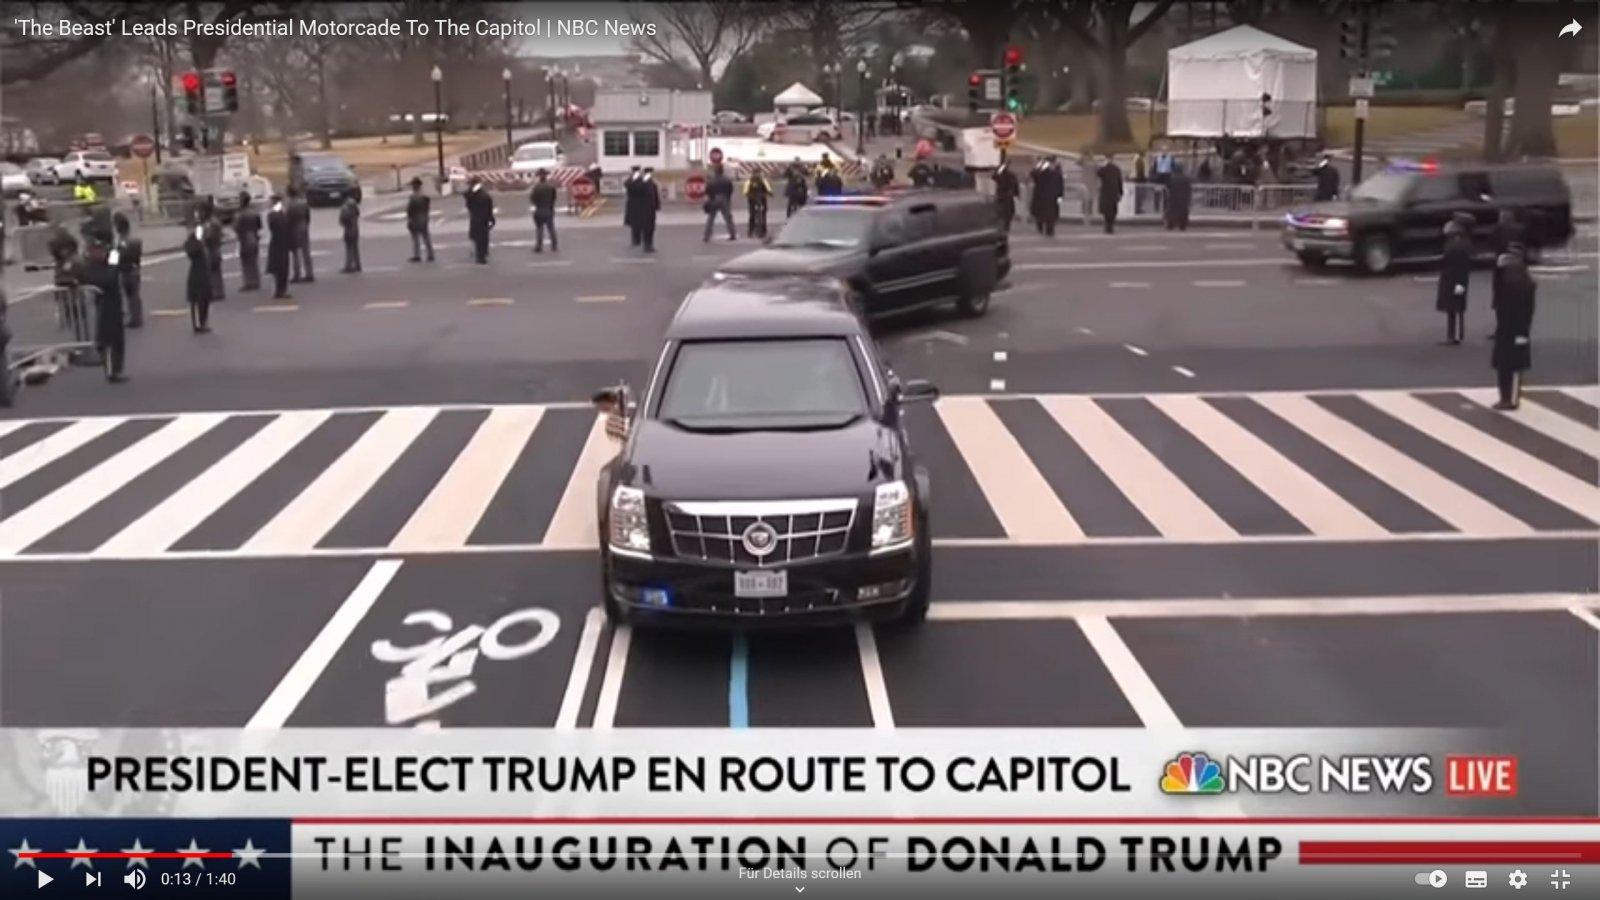 Trump 2017 Motorcade.jpg